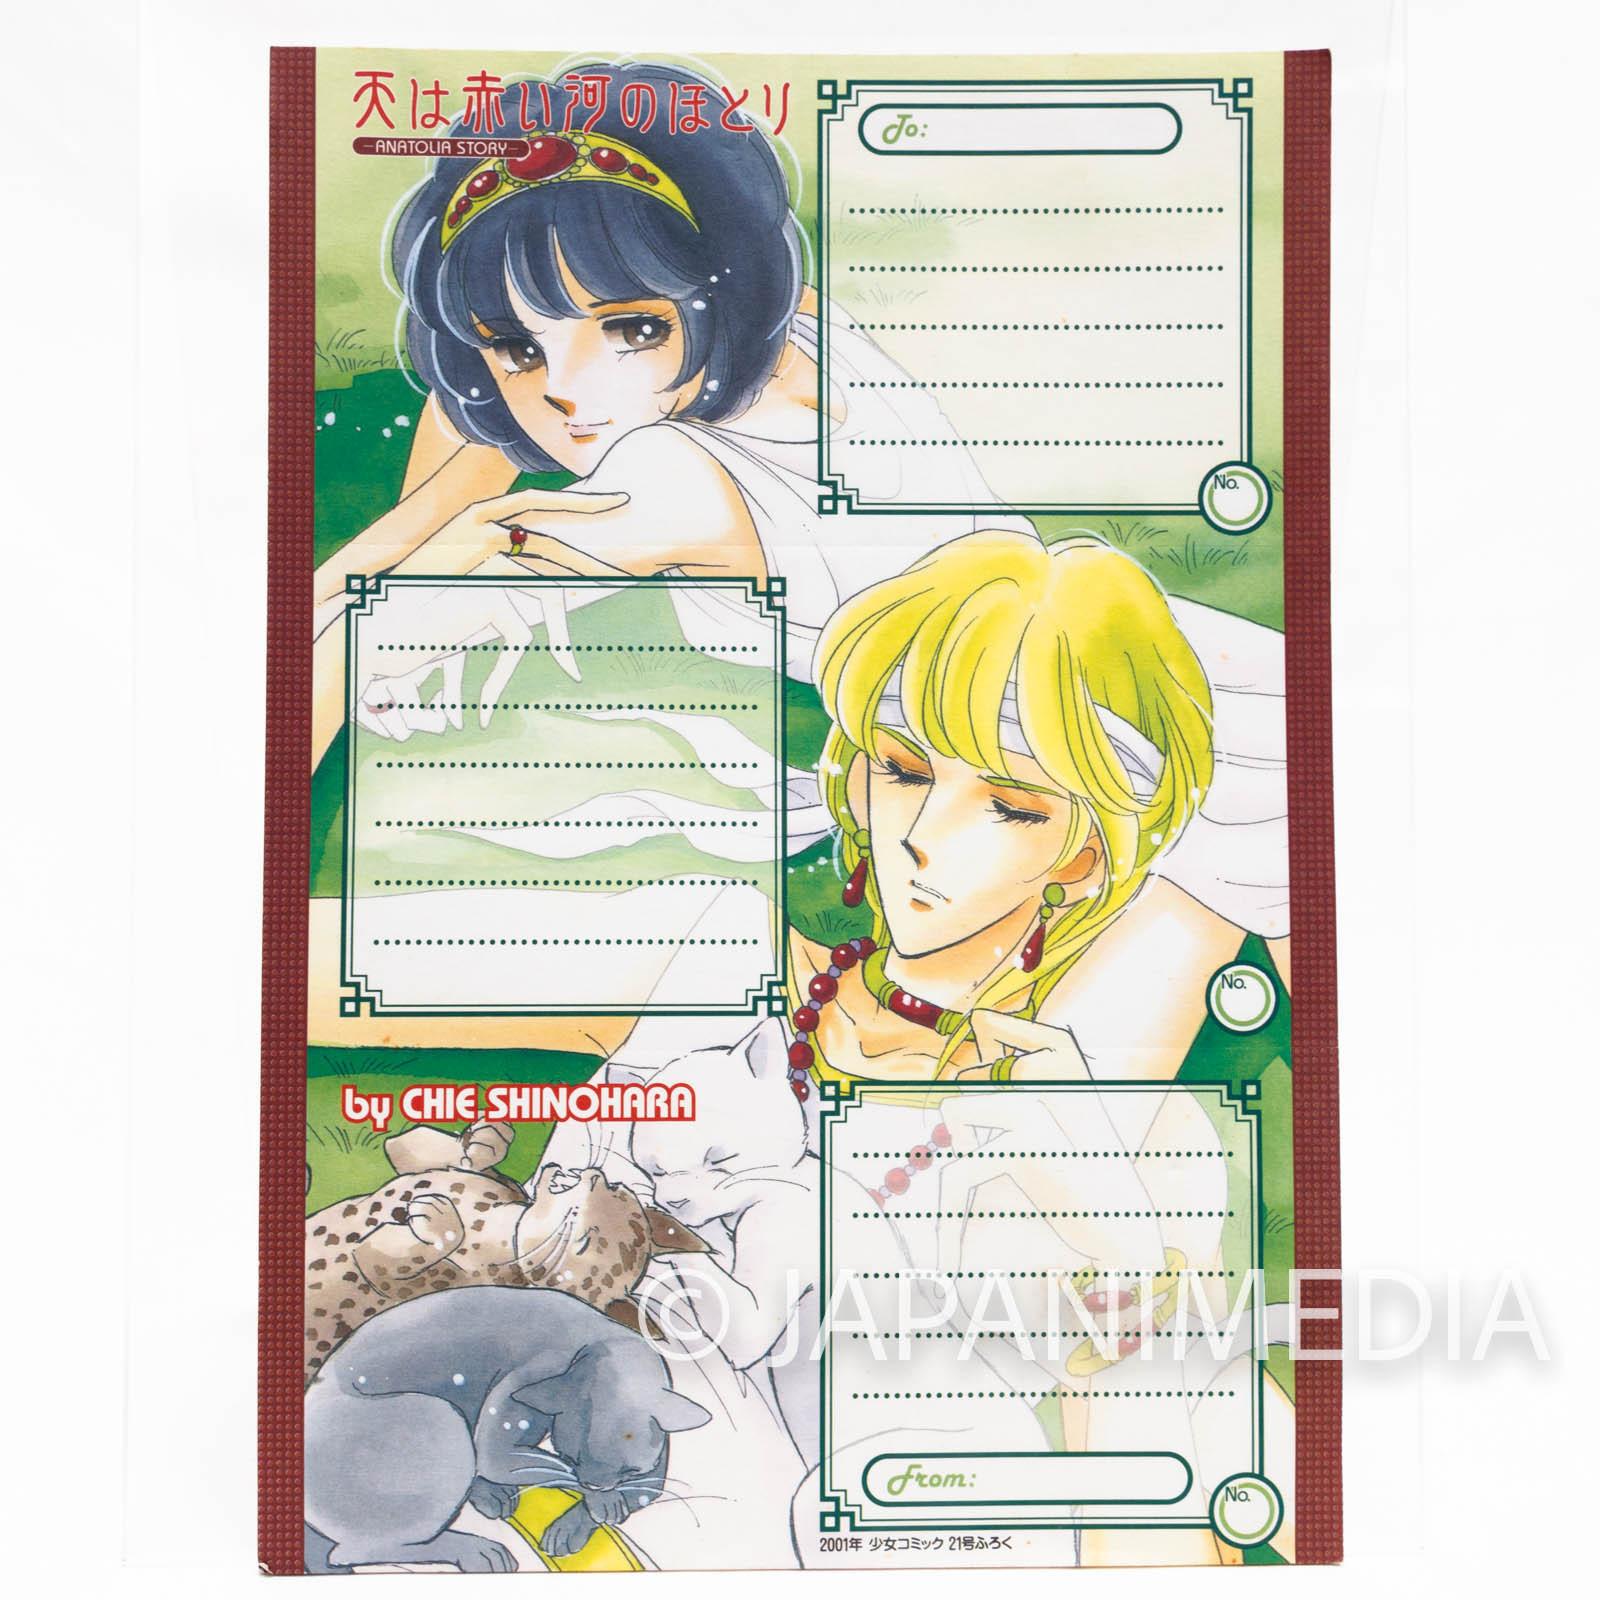 RARE!! Red River (Sora wa Akai Kawa no Hotori) Letter paper (8p) [Yuri | Kail] Chie Shinohara JAPAN